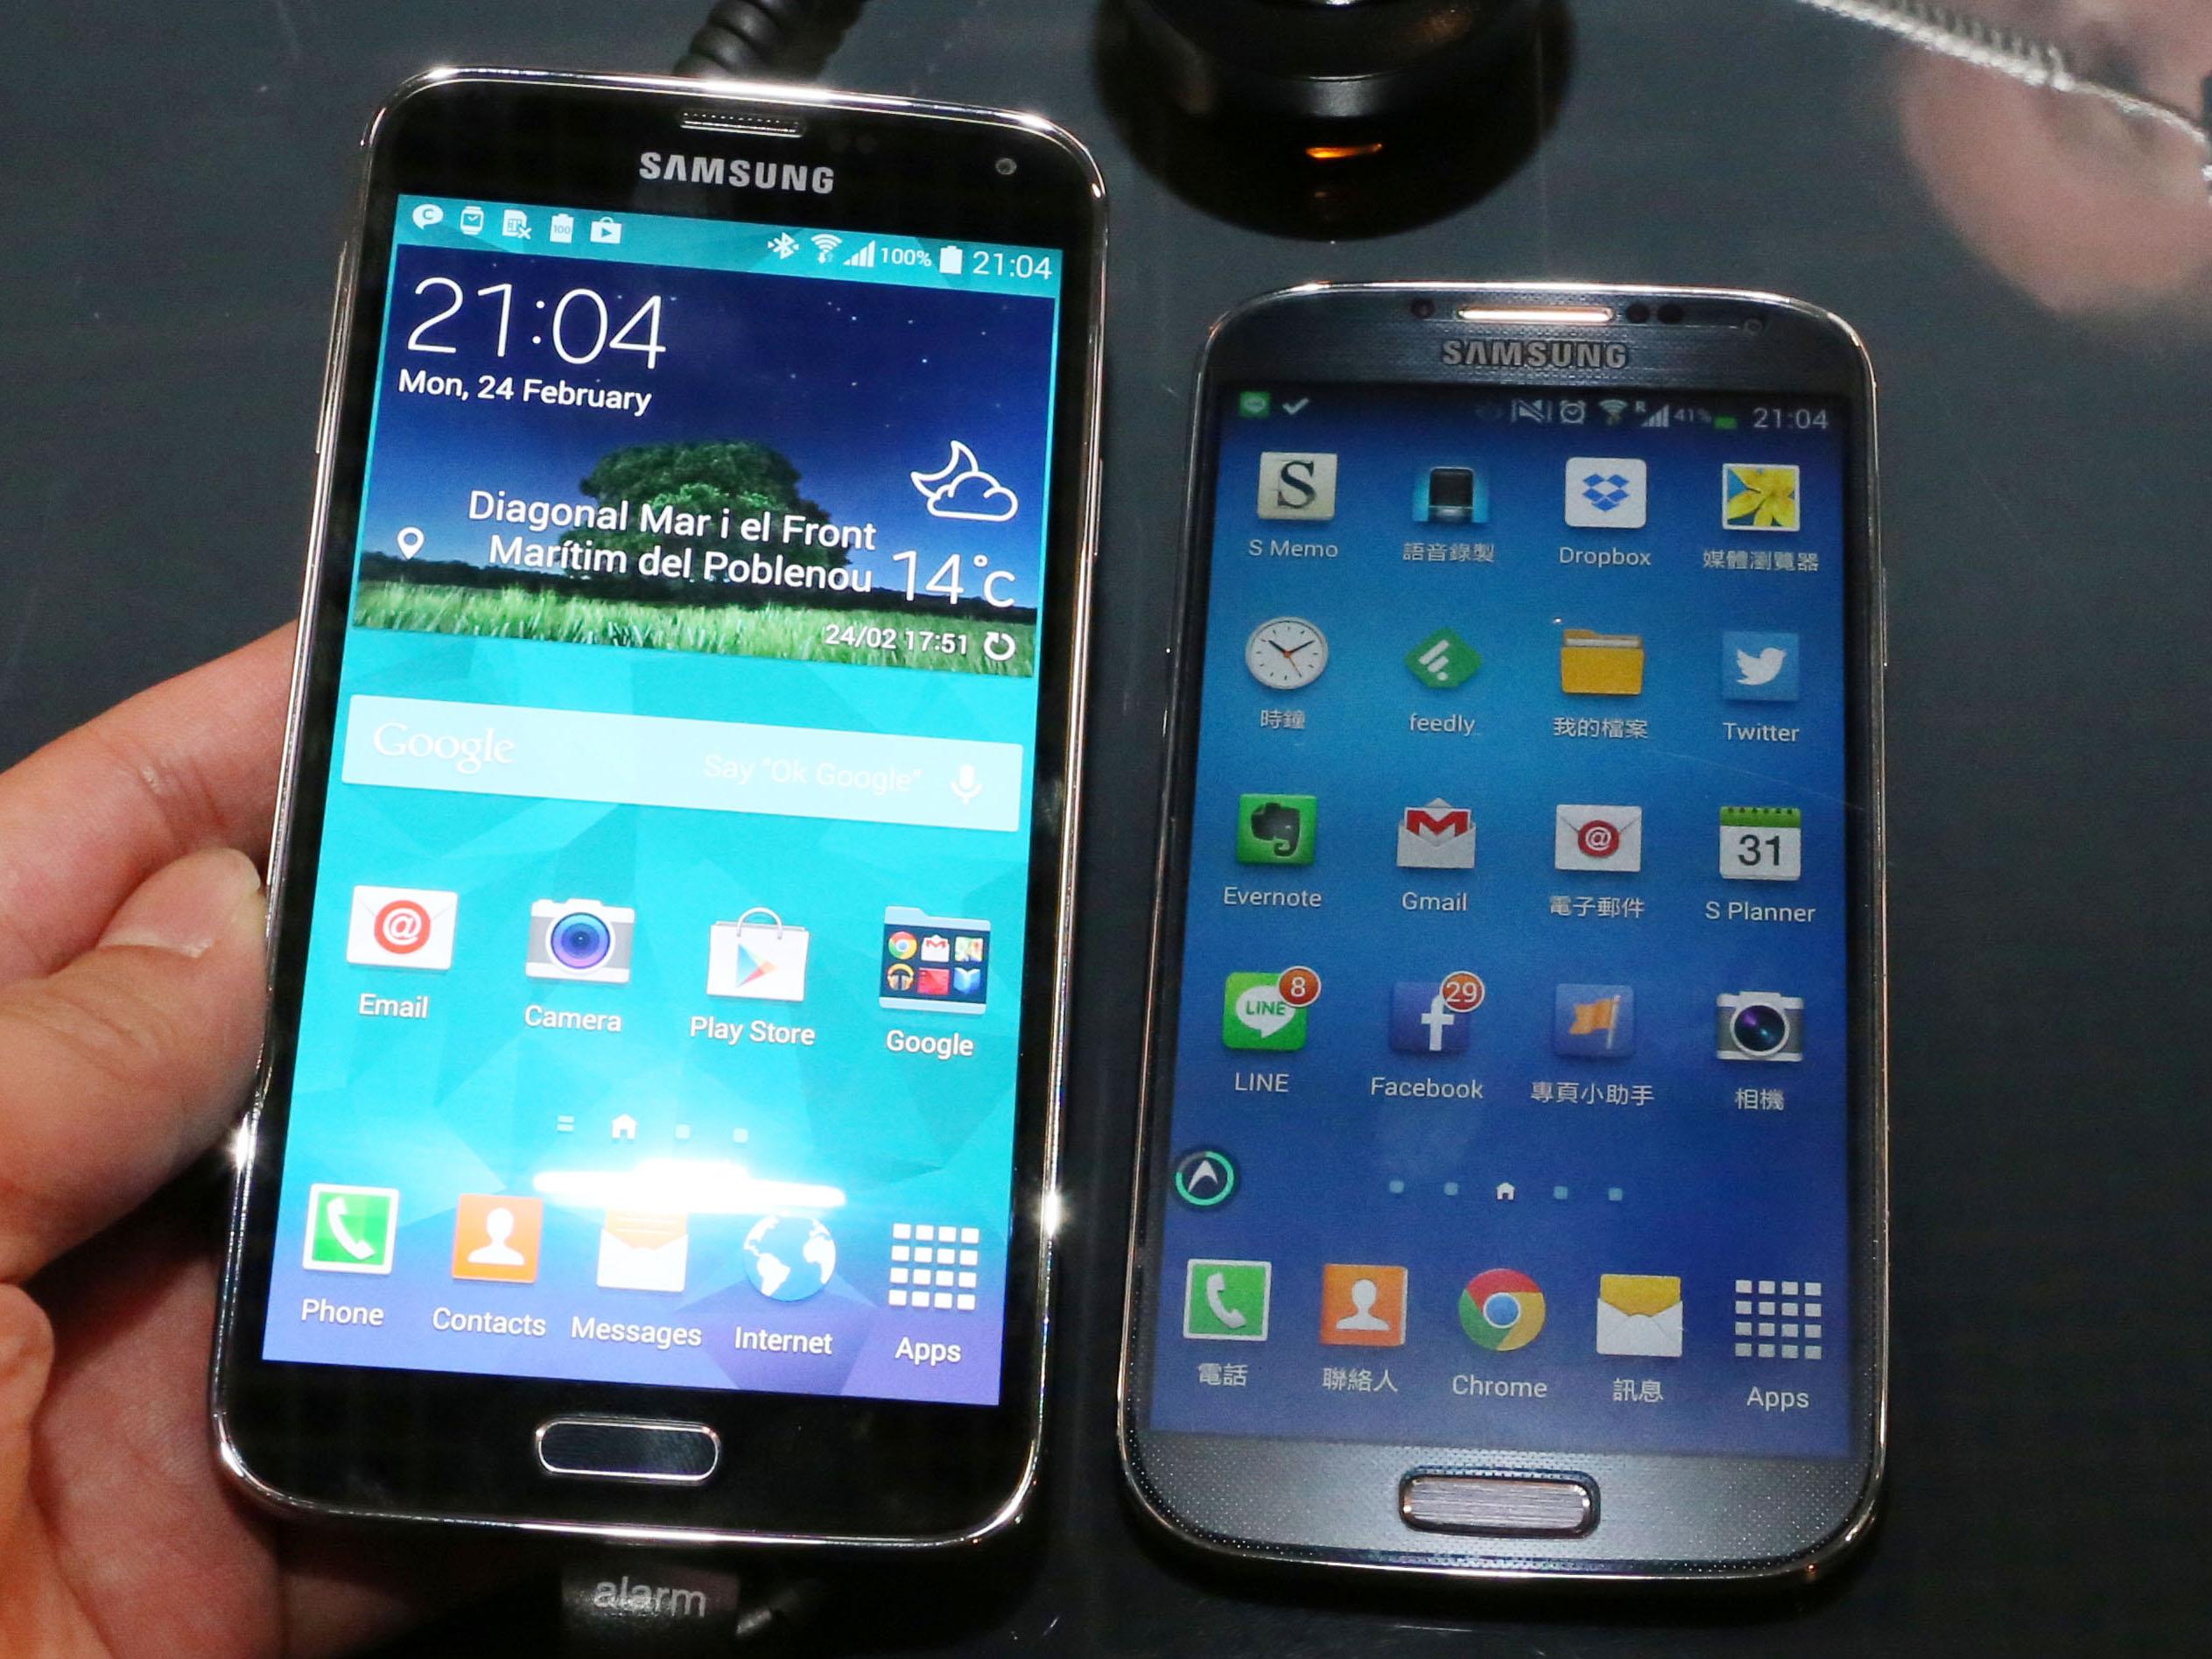 防水、指紋辨識、4G、心跳偵測全都有, Samsung Galaxy S5 搶先體驗